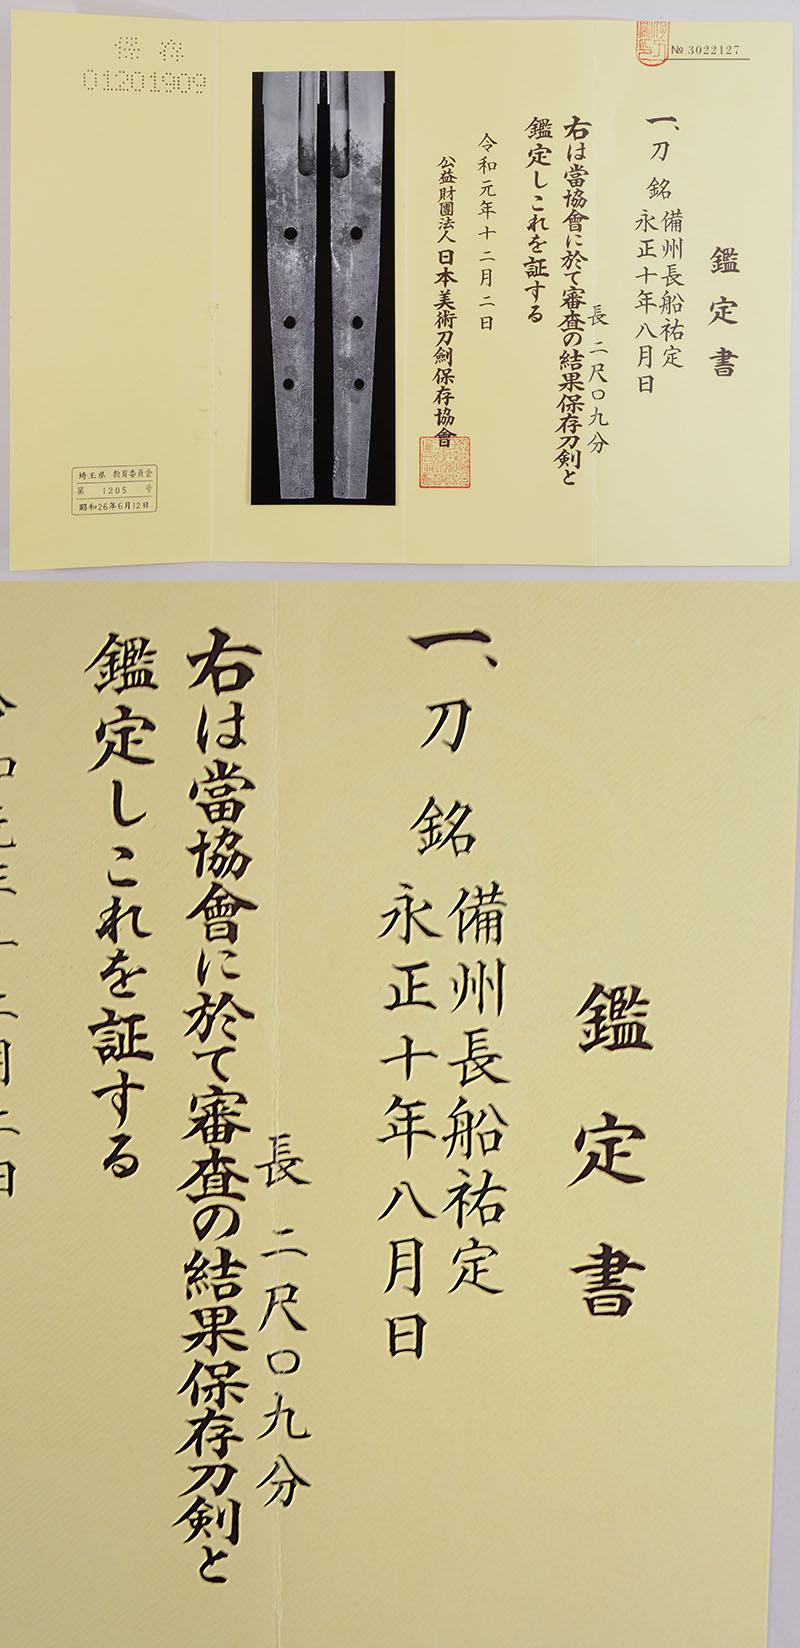 刀 備州長船祐定 永正十年八月日 Picture of Certificate